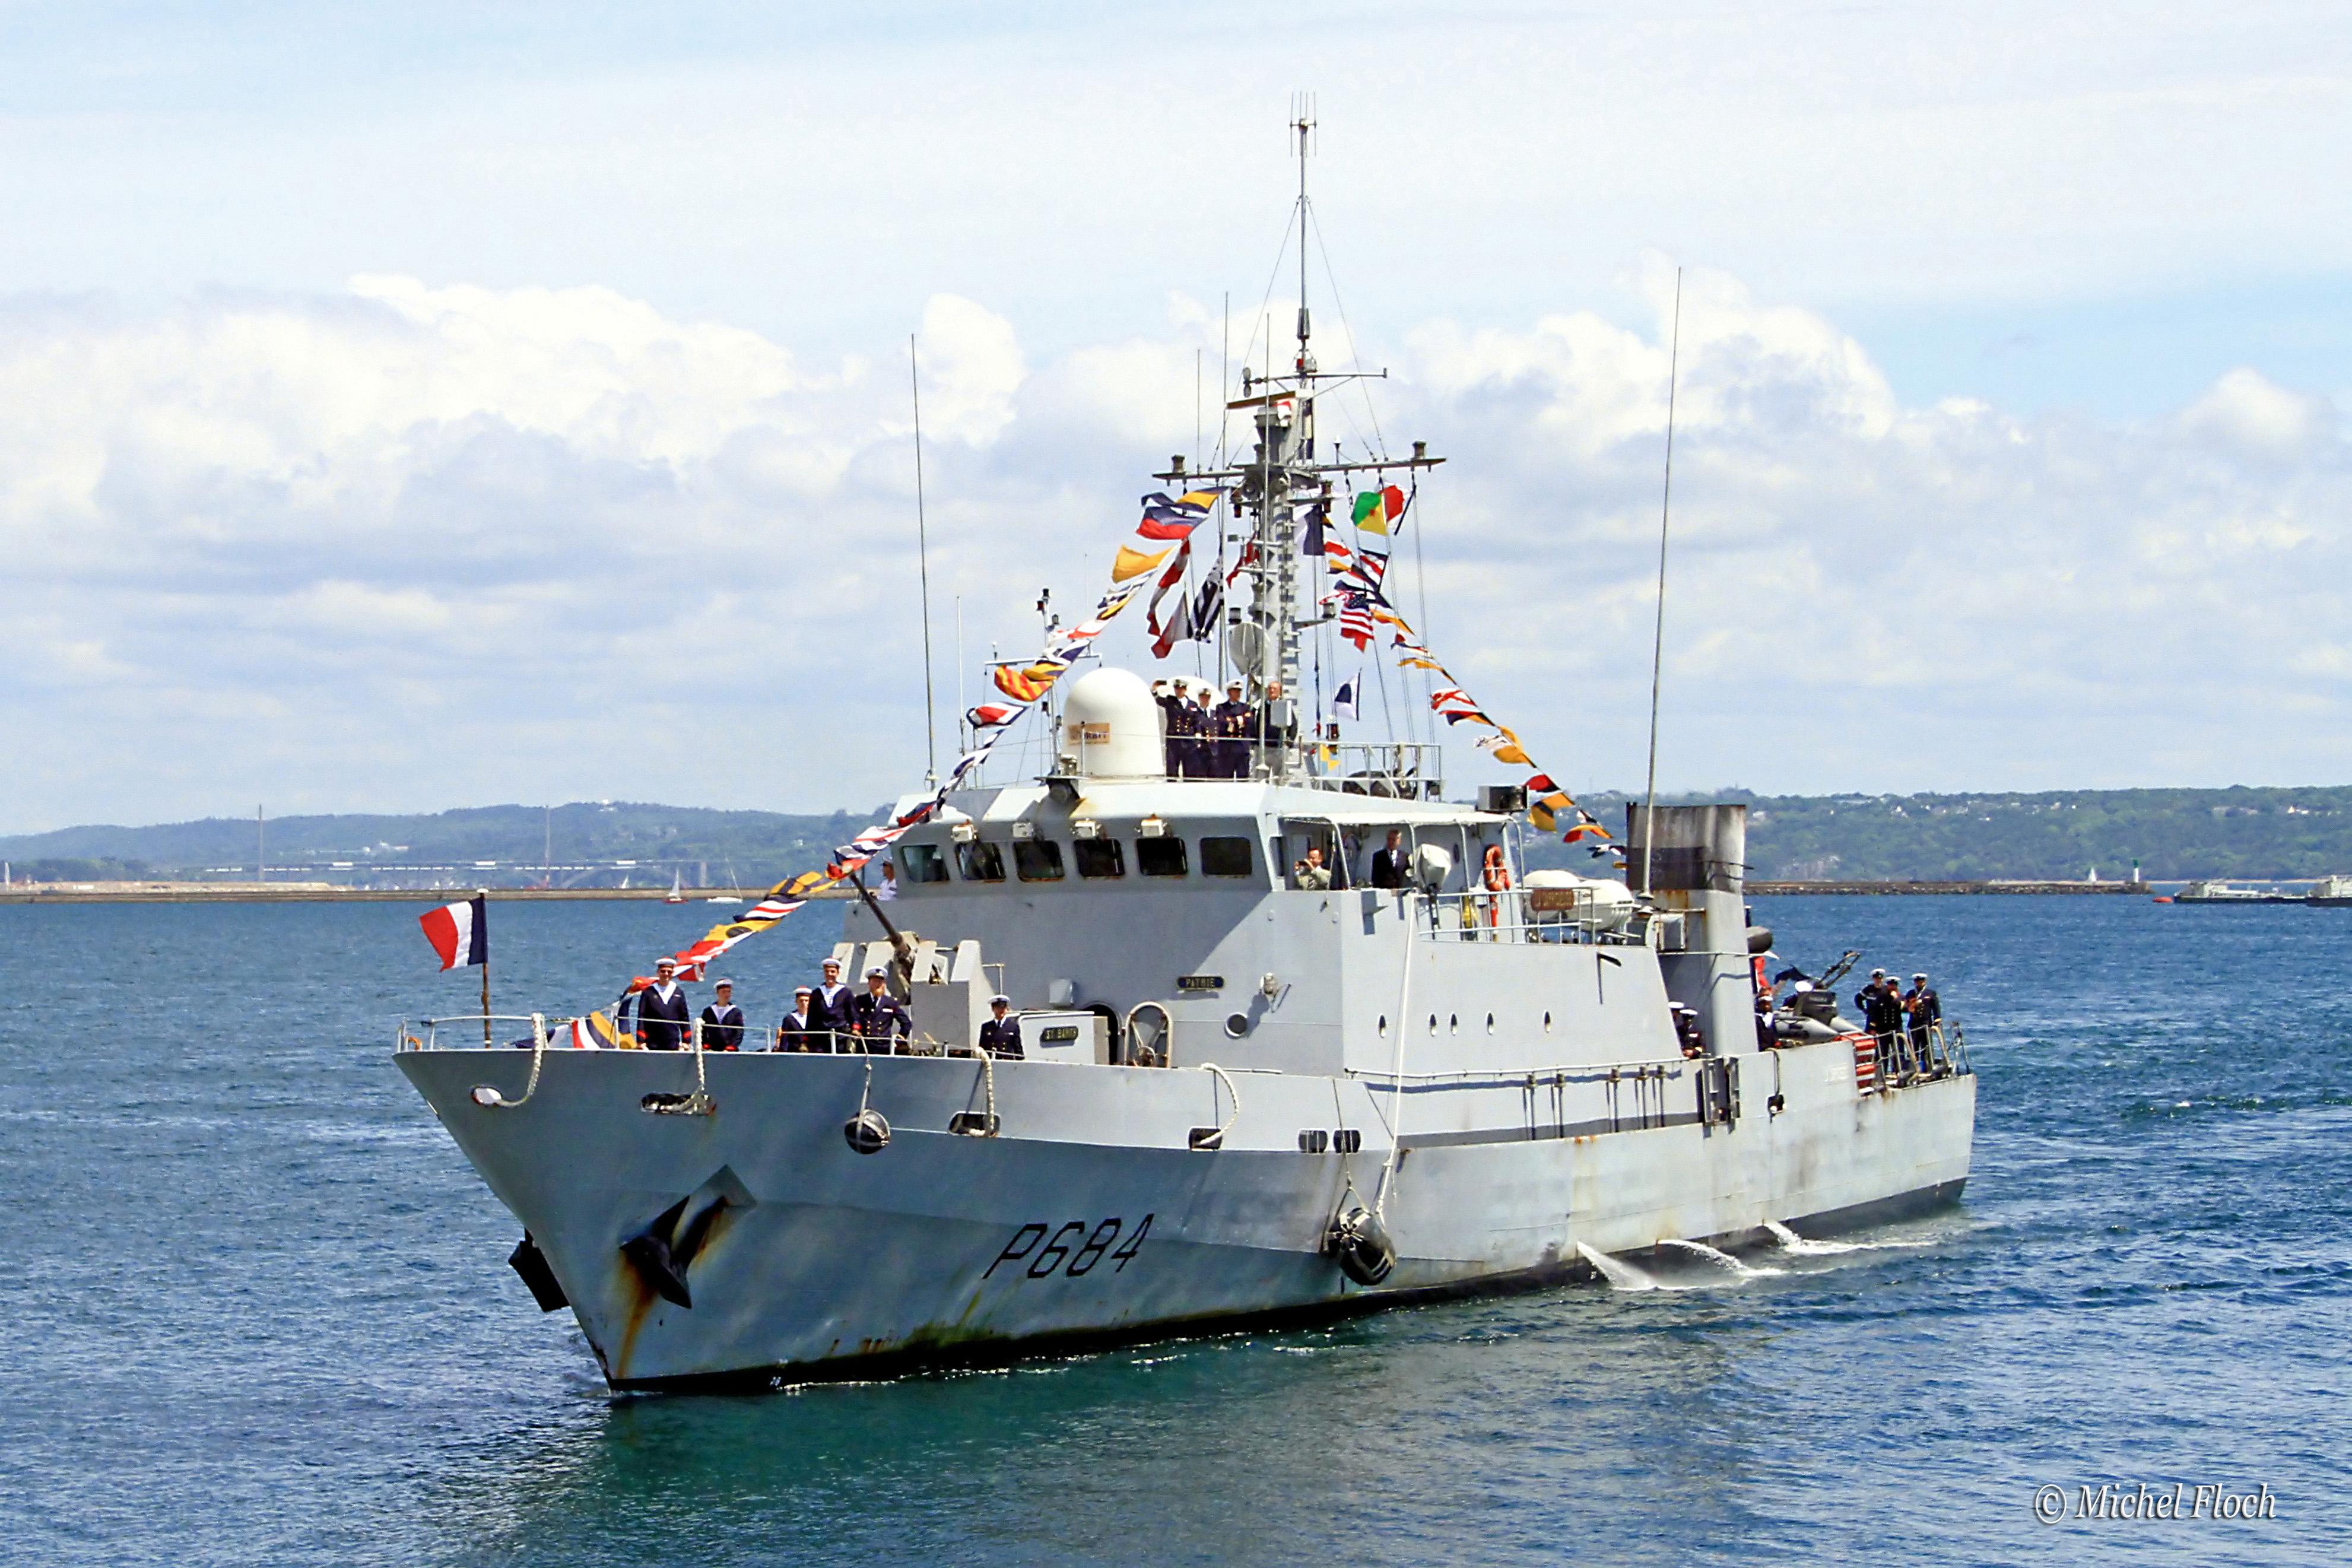 Les patrouilleurs de la Marine Nationale - Page 4 2690305